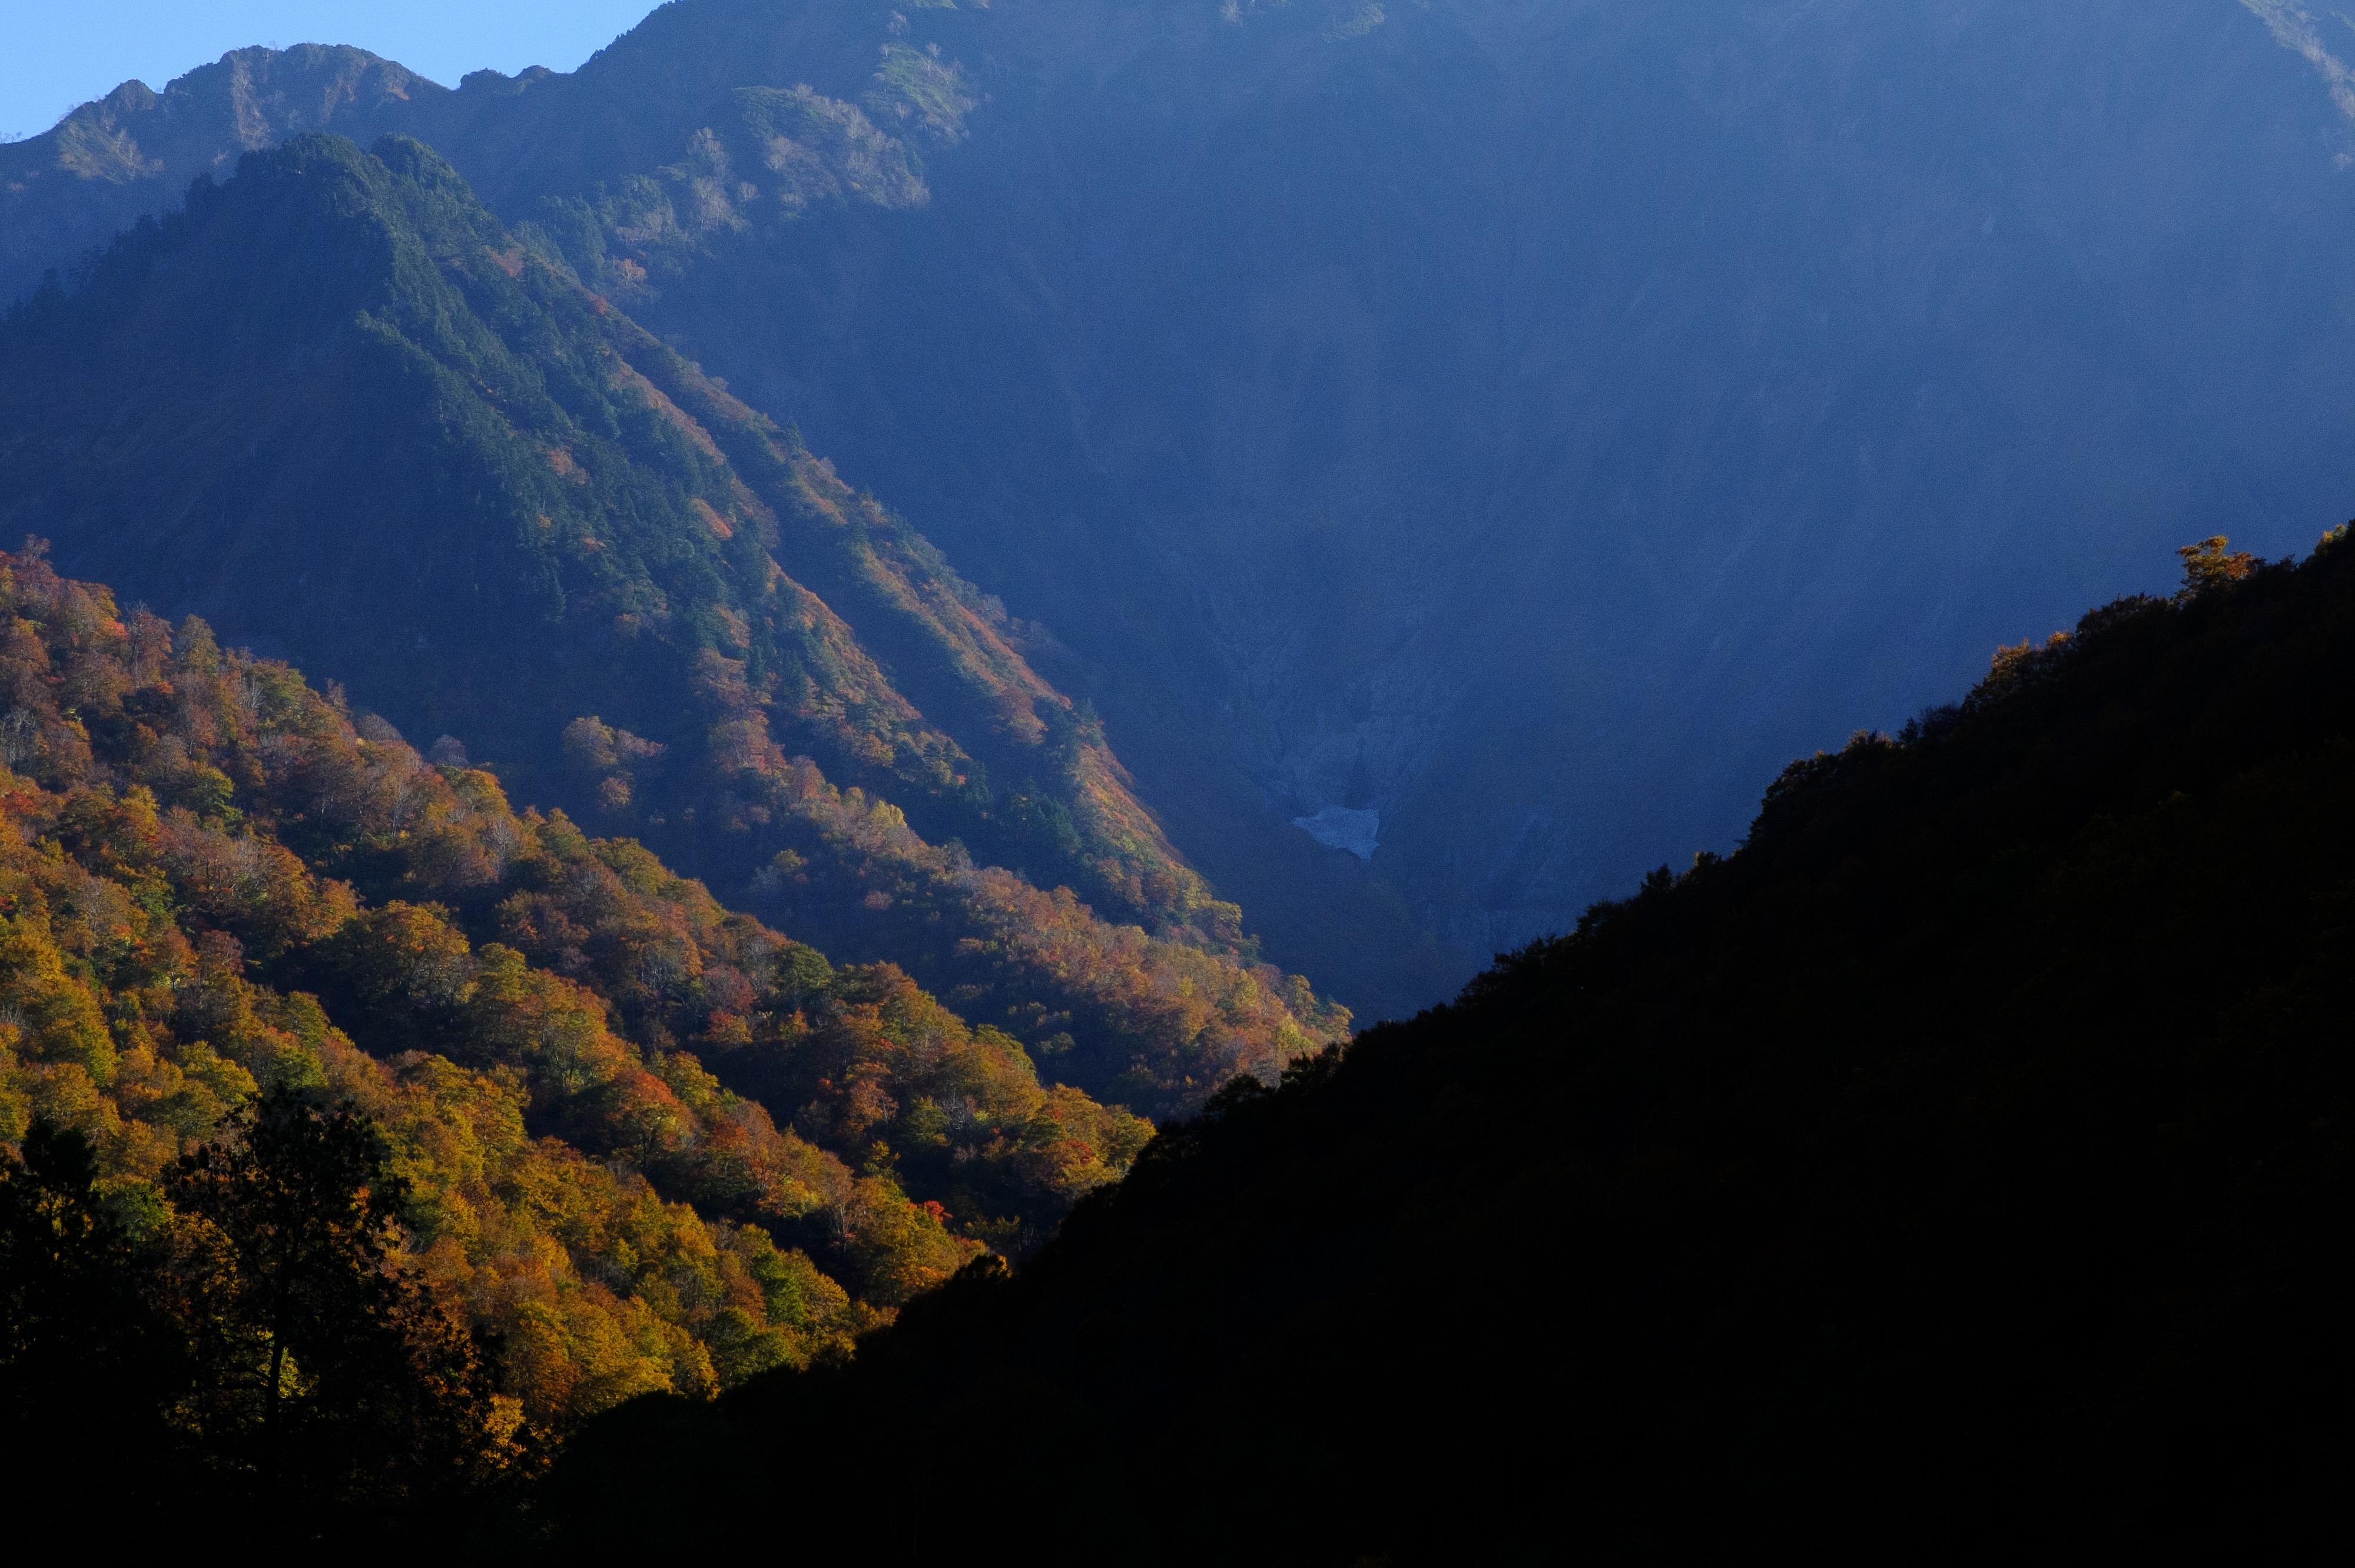 http://www.art-photo.jp/blog/archives/images/2014.10.19/DSCF0154.jpg